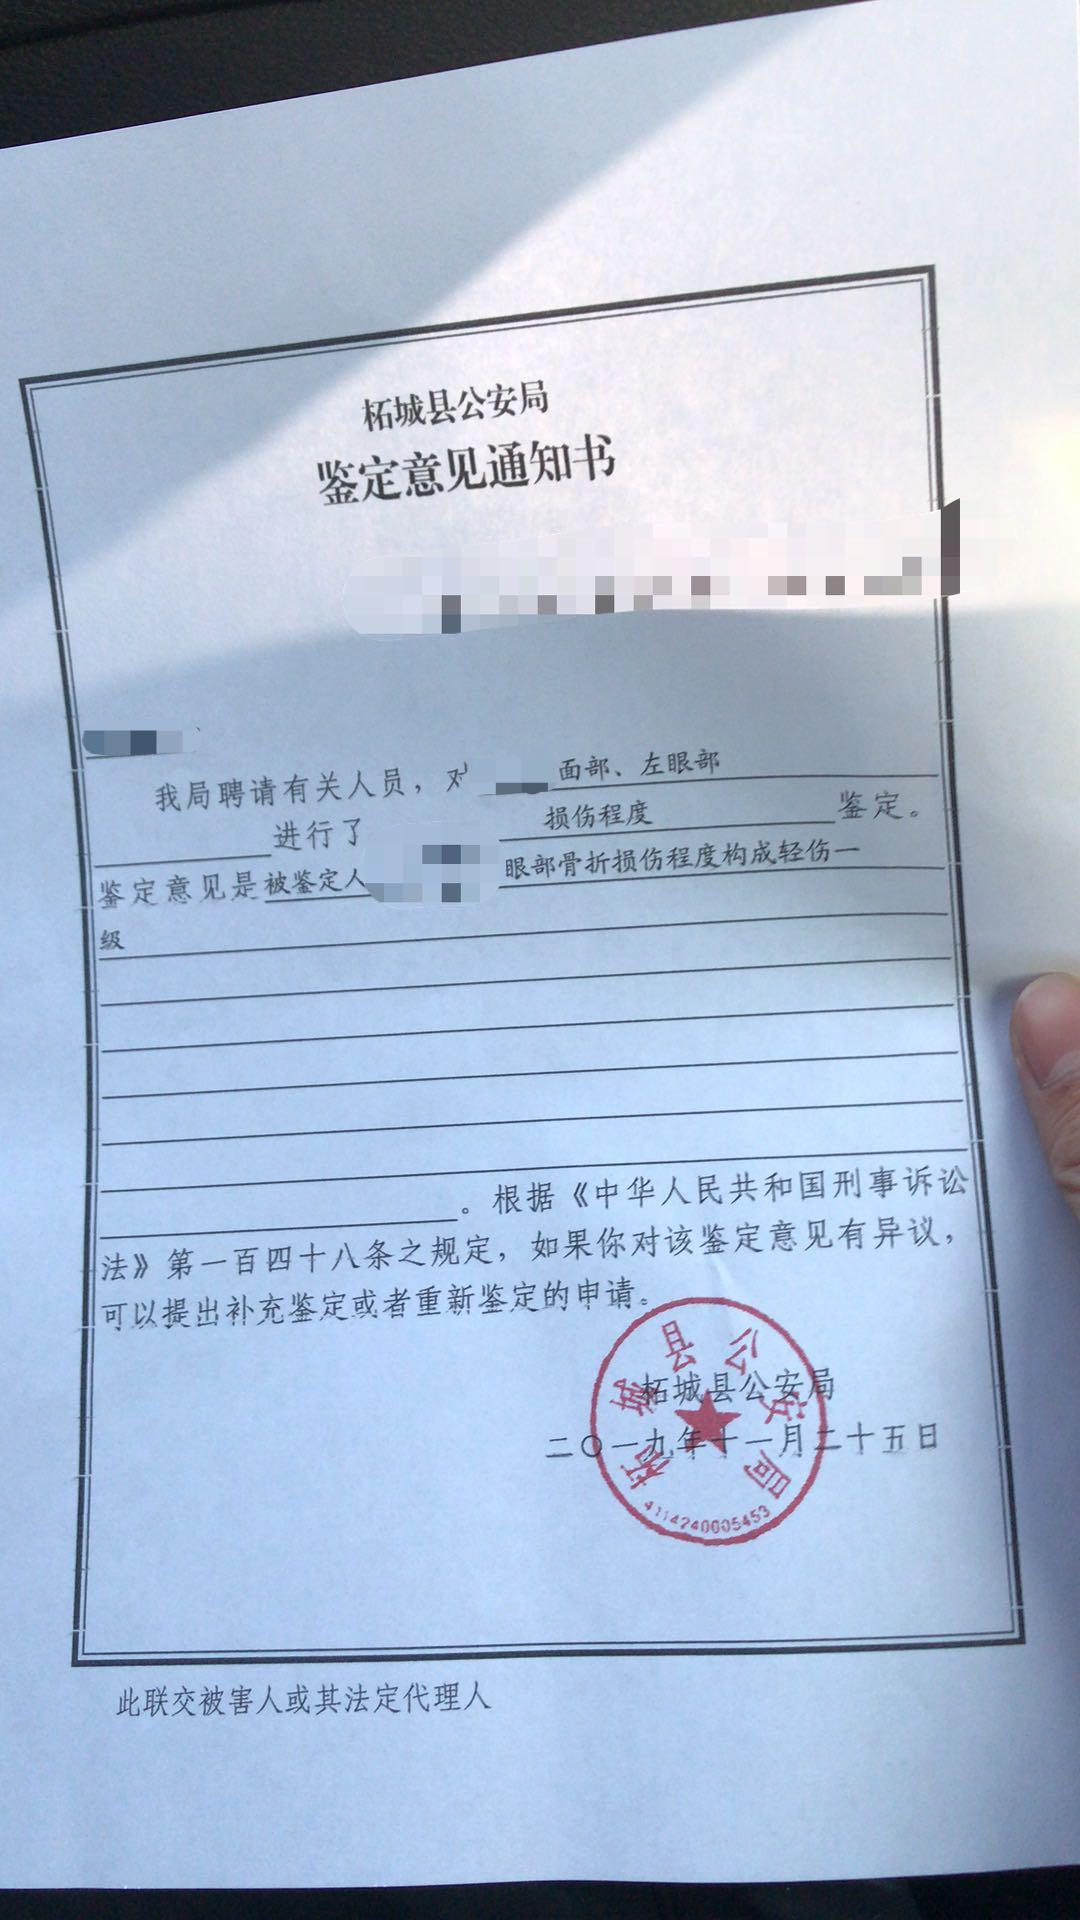 当事人刘女士的住院病例和公安鉴定意见通知书 来源:知情人士提供